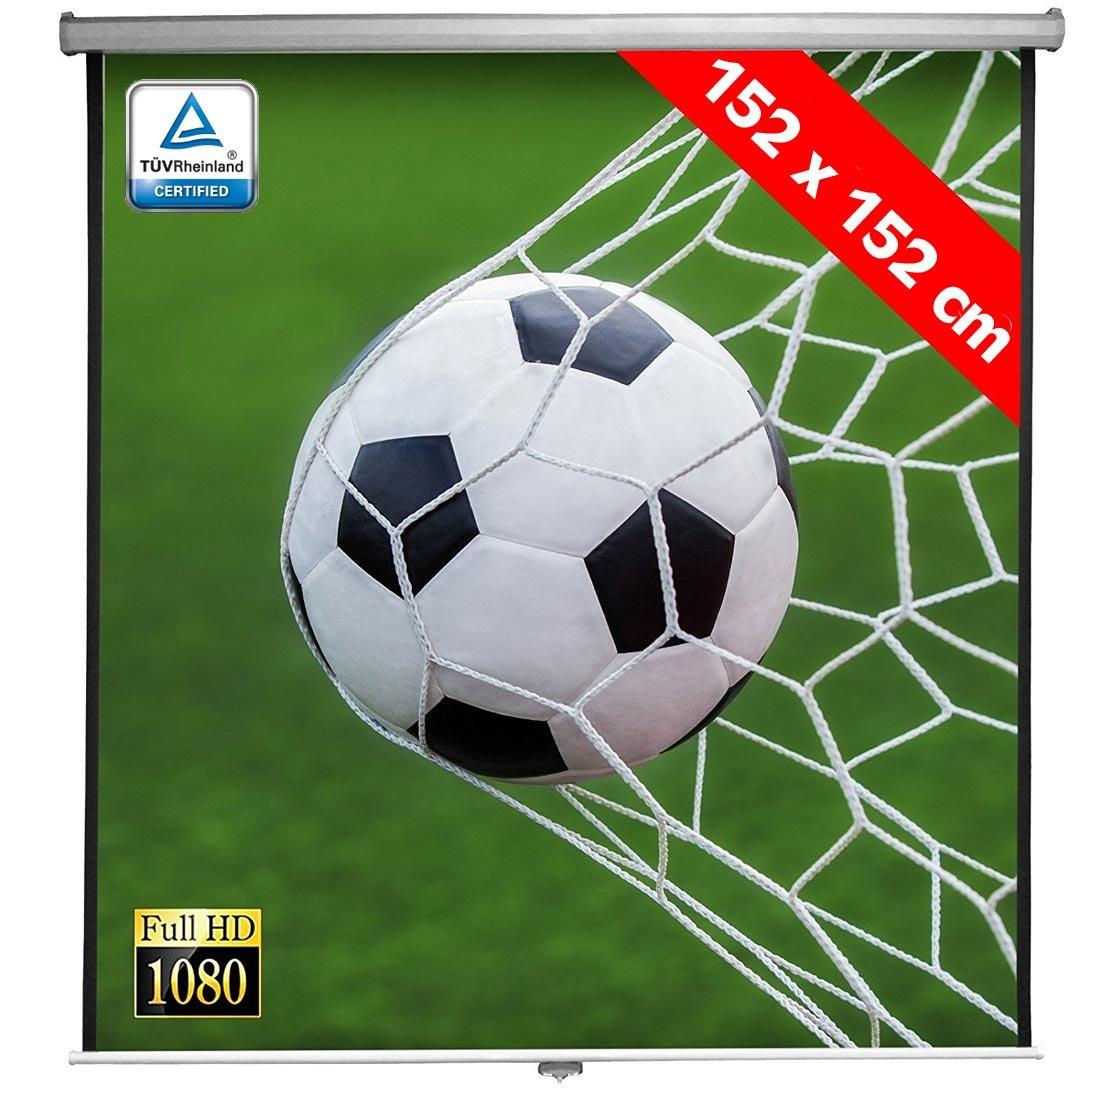 Bakaji Schermo per Proiezione Videoproiettore 84 Home Cinema Telo Proiettore 152 x 152 cm FULL HD TV